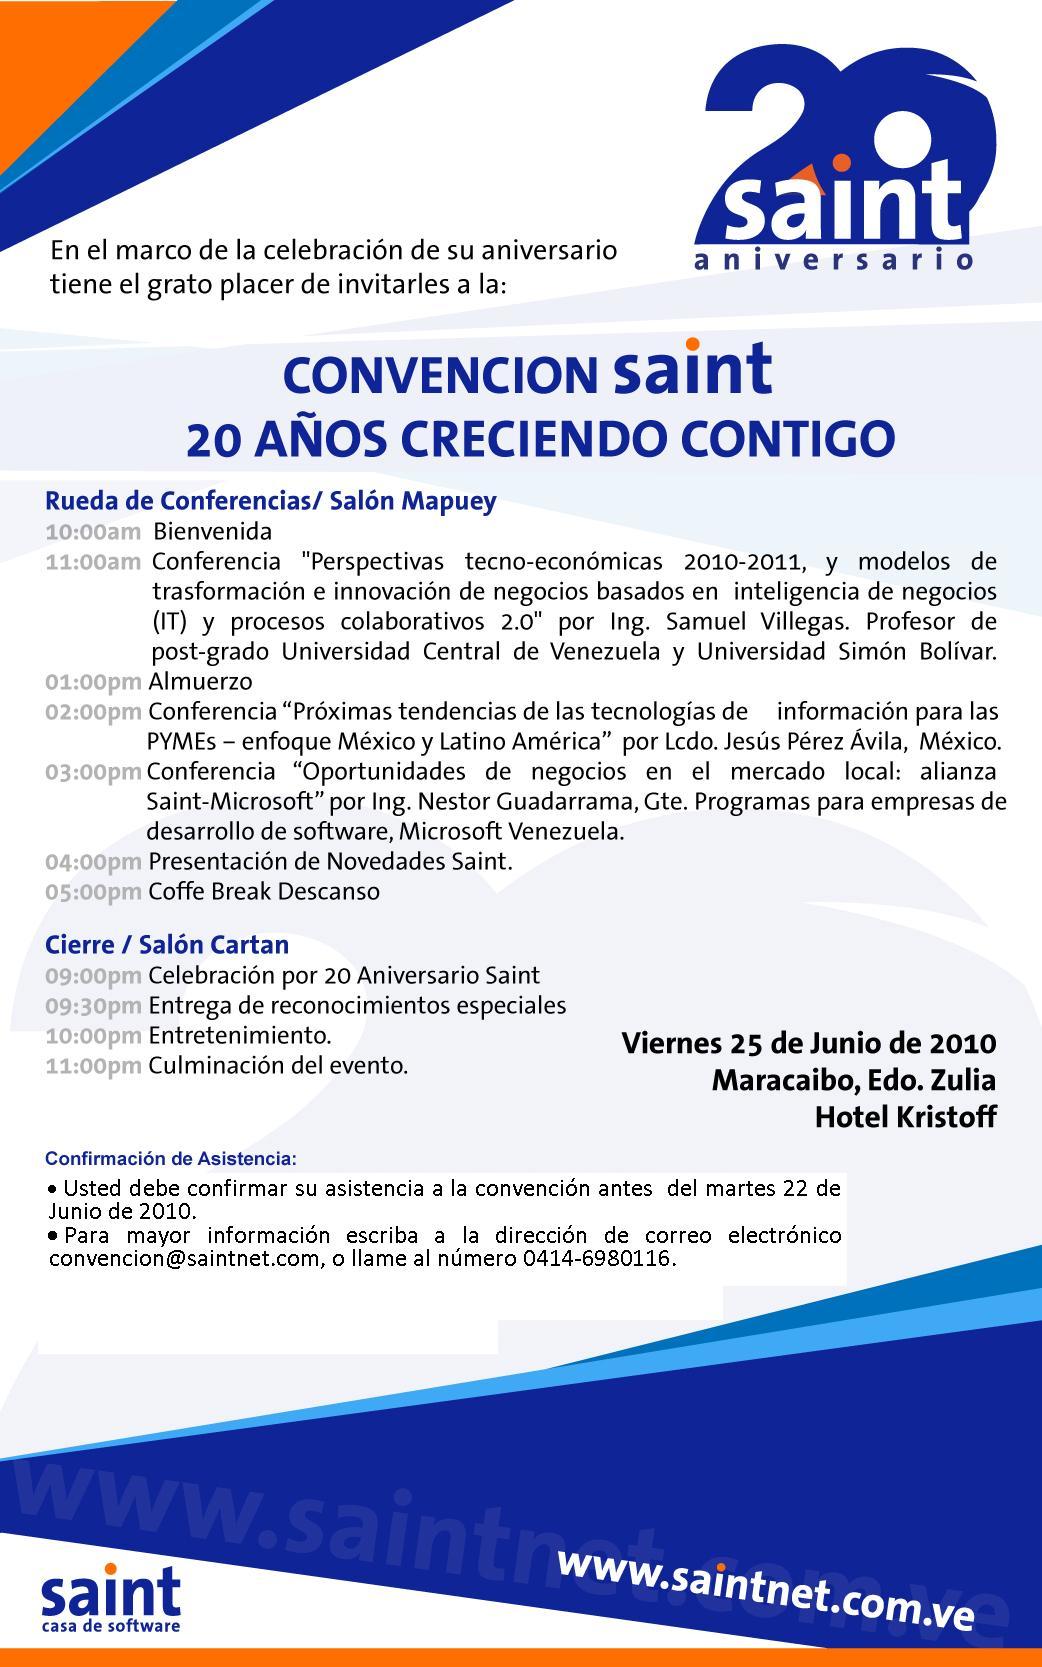 El 20 Aniversario de saint Venezuela se celebra el 25 de Junio